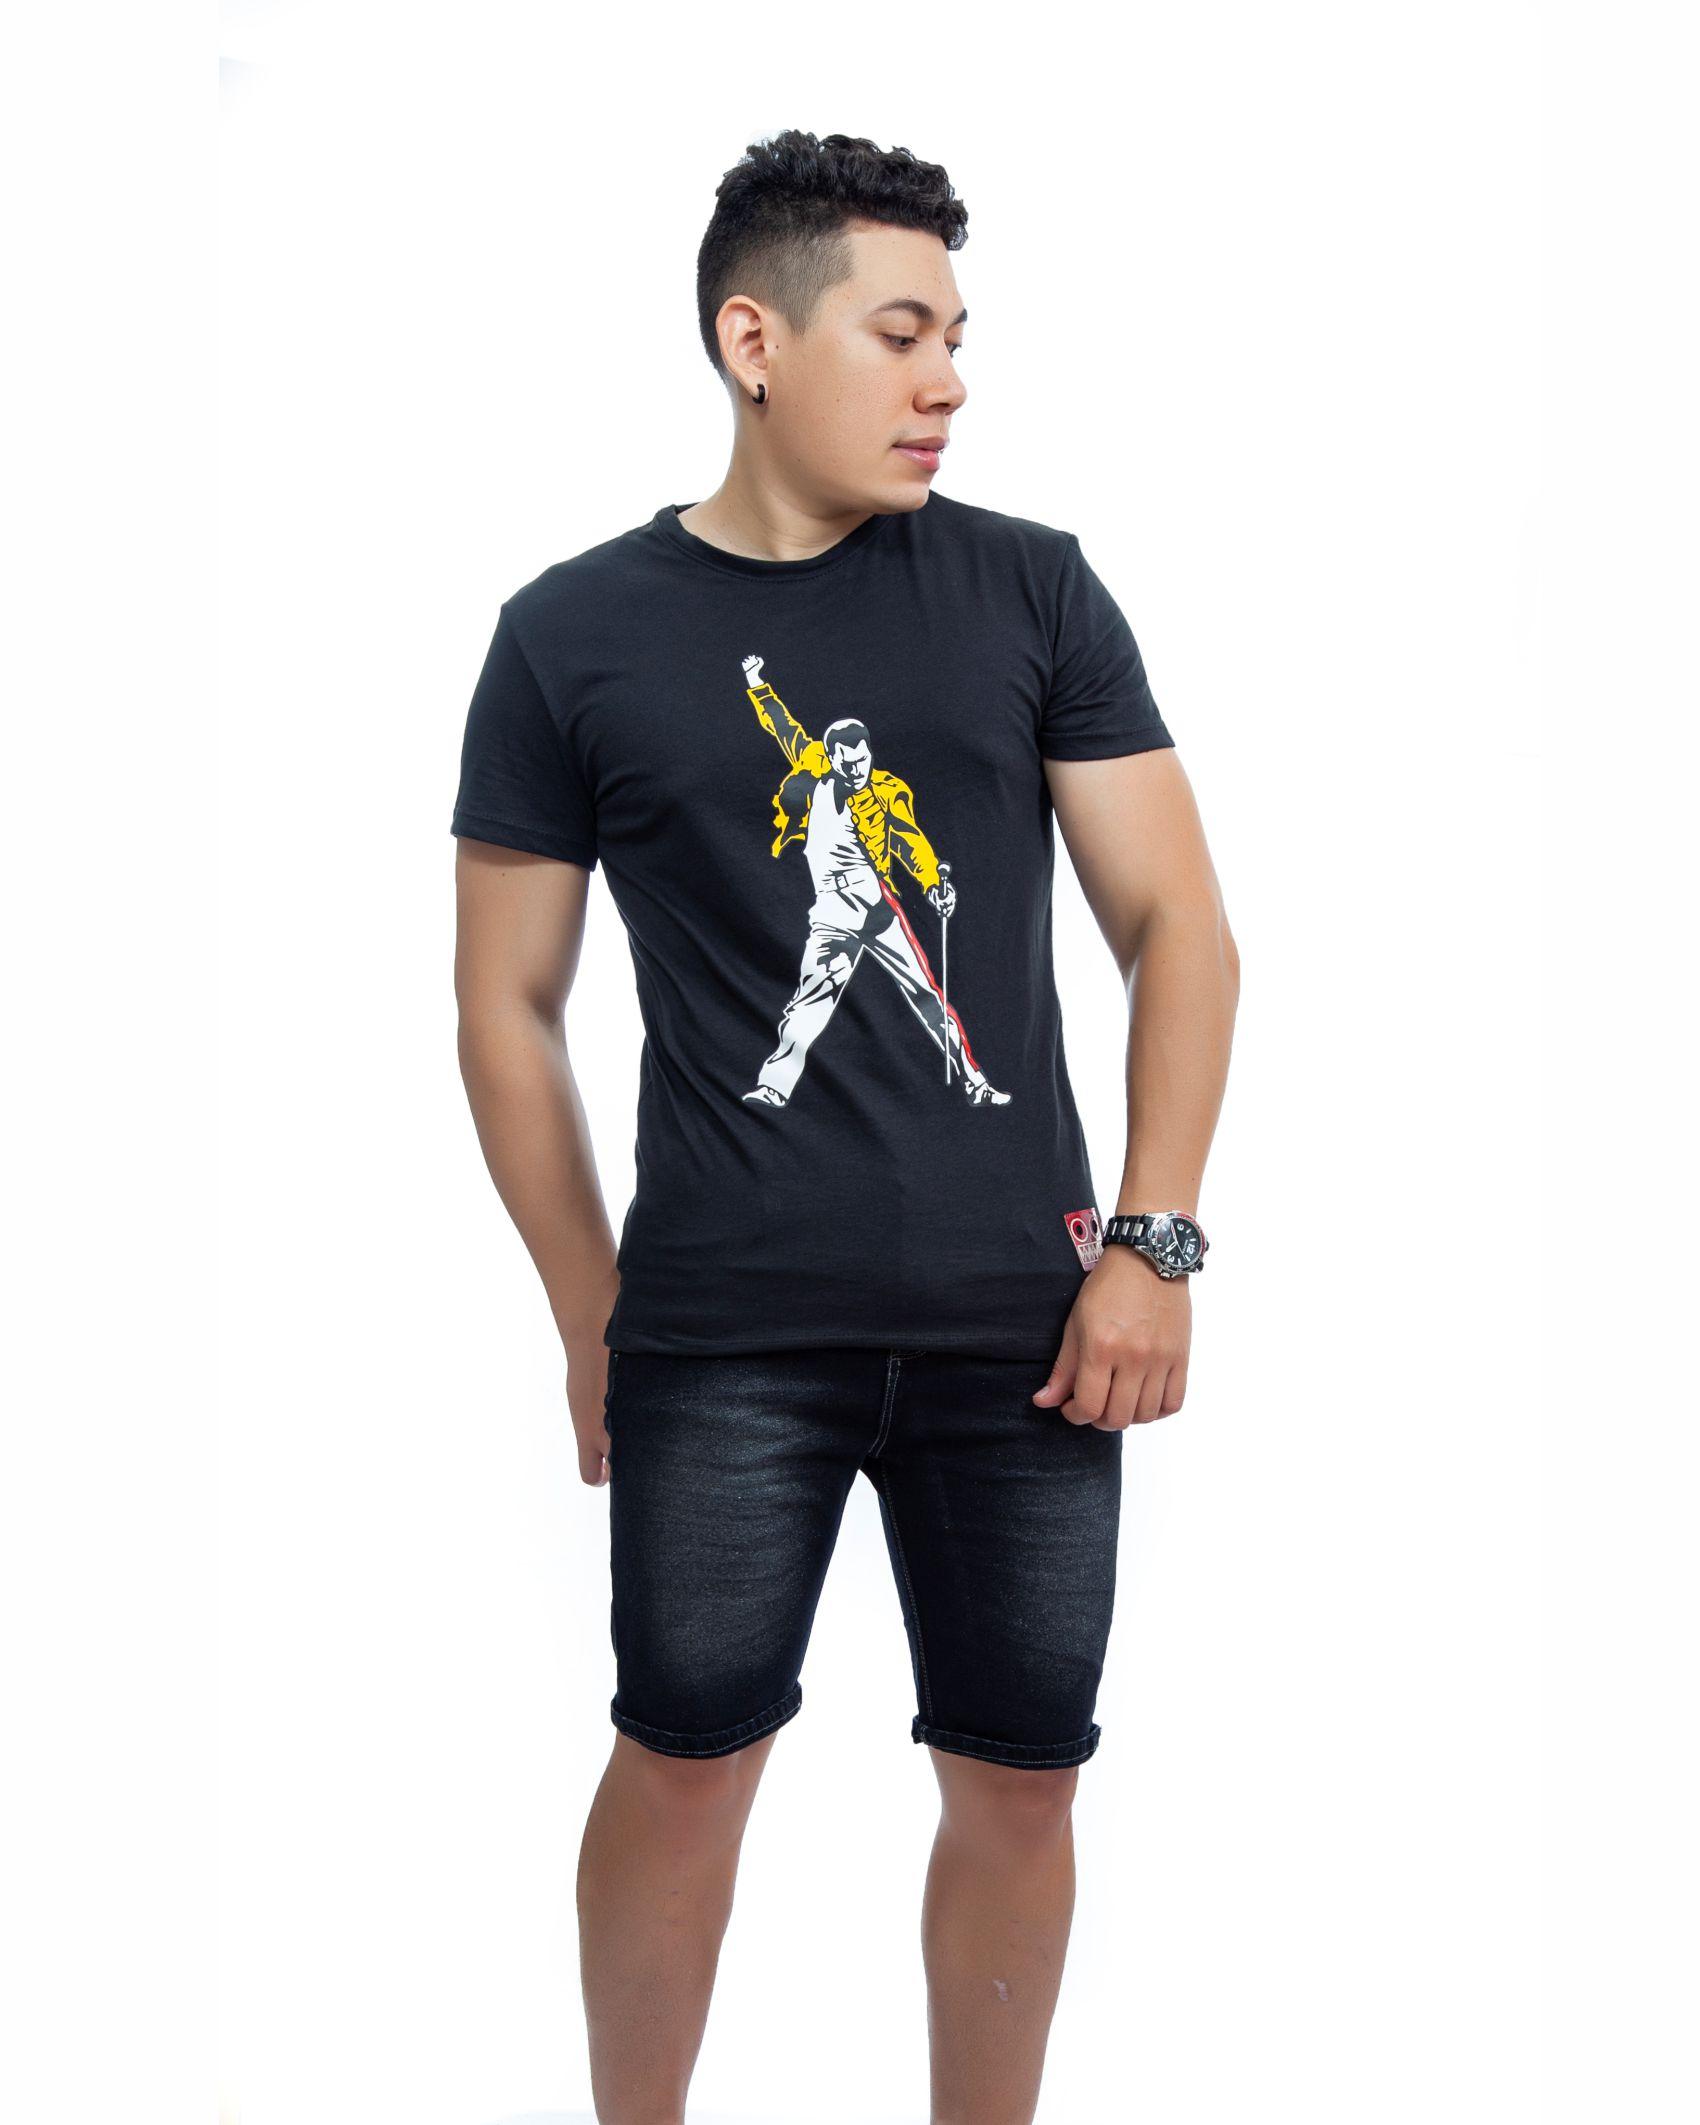 ref 1752 1 camiseta freddie, color negro, tela 100% en algodon Tallas S-M-L-XL. $48.000.